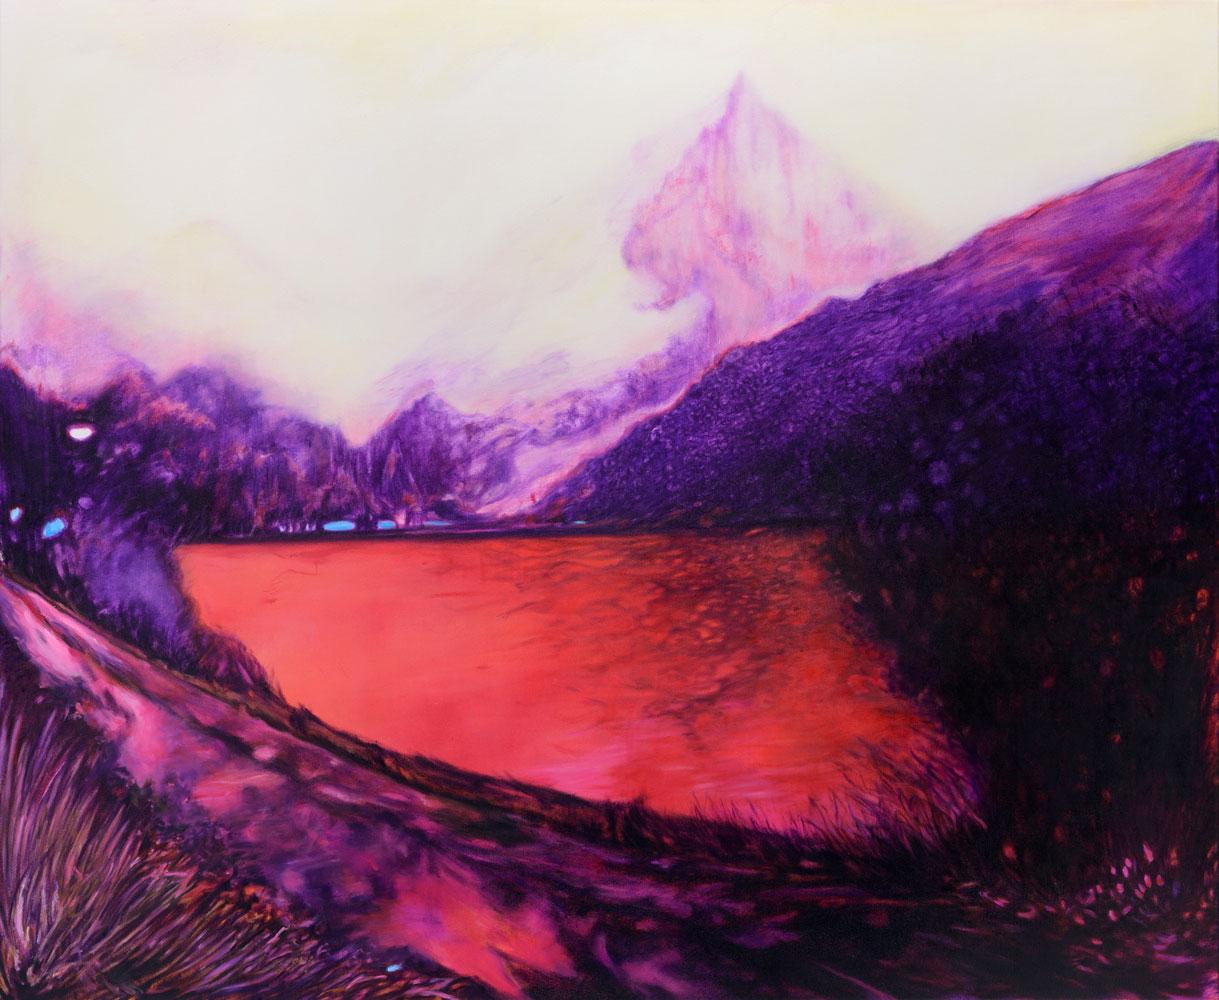 blutroter See getaucht in mysteriöses blutrotes lila Licht, im Hintergrund nebeverhangene Berge